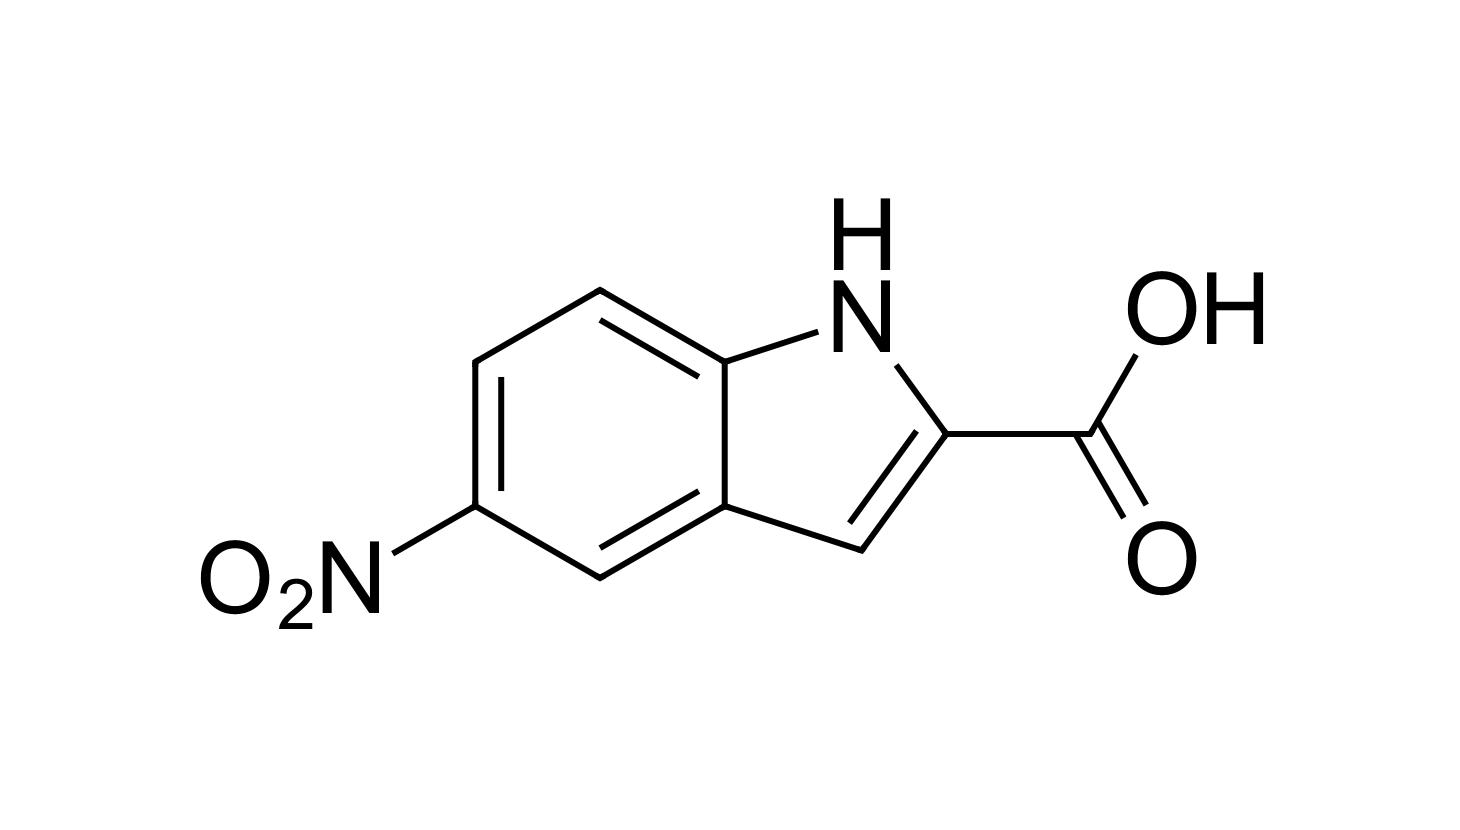 5-Nitroindole-2-carboxylic acid